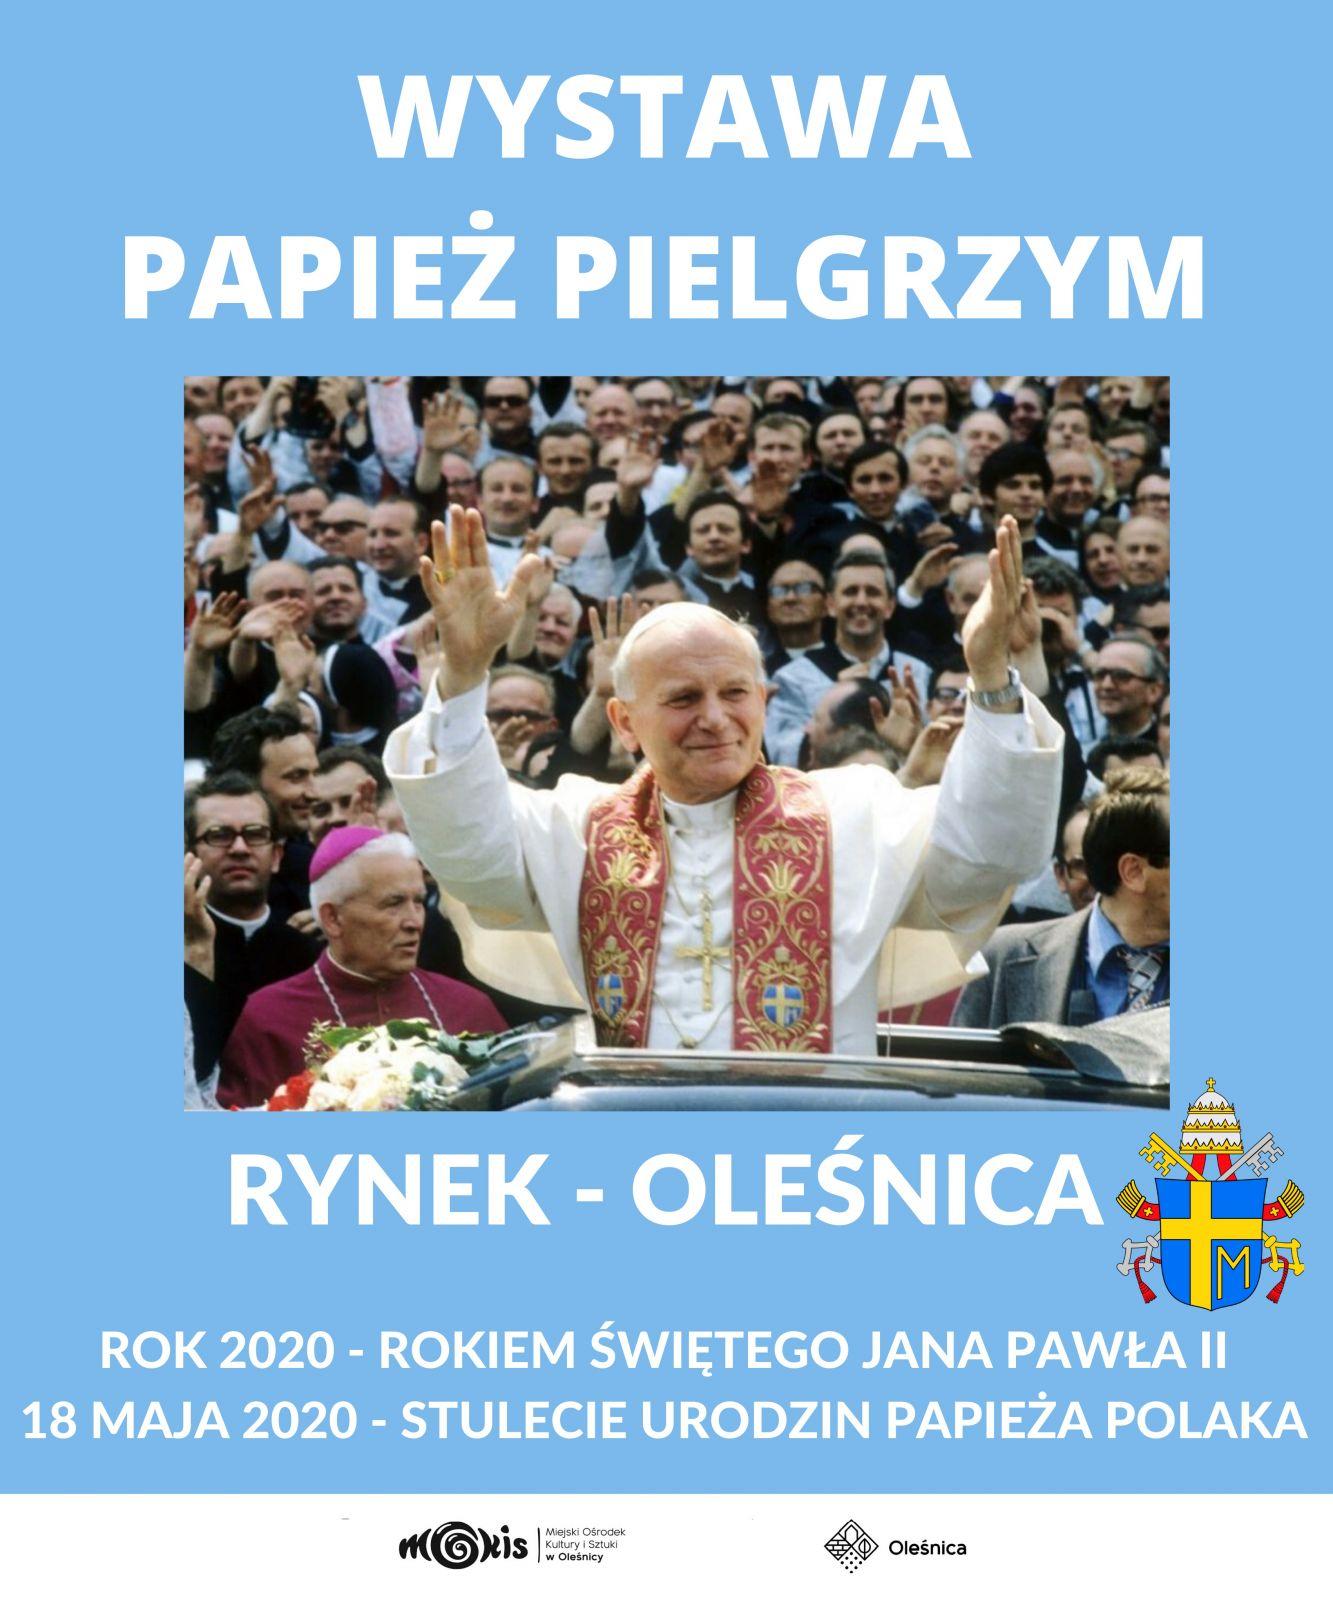 plakat wystawy Papież Pielgrzym